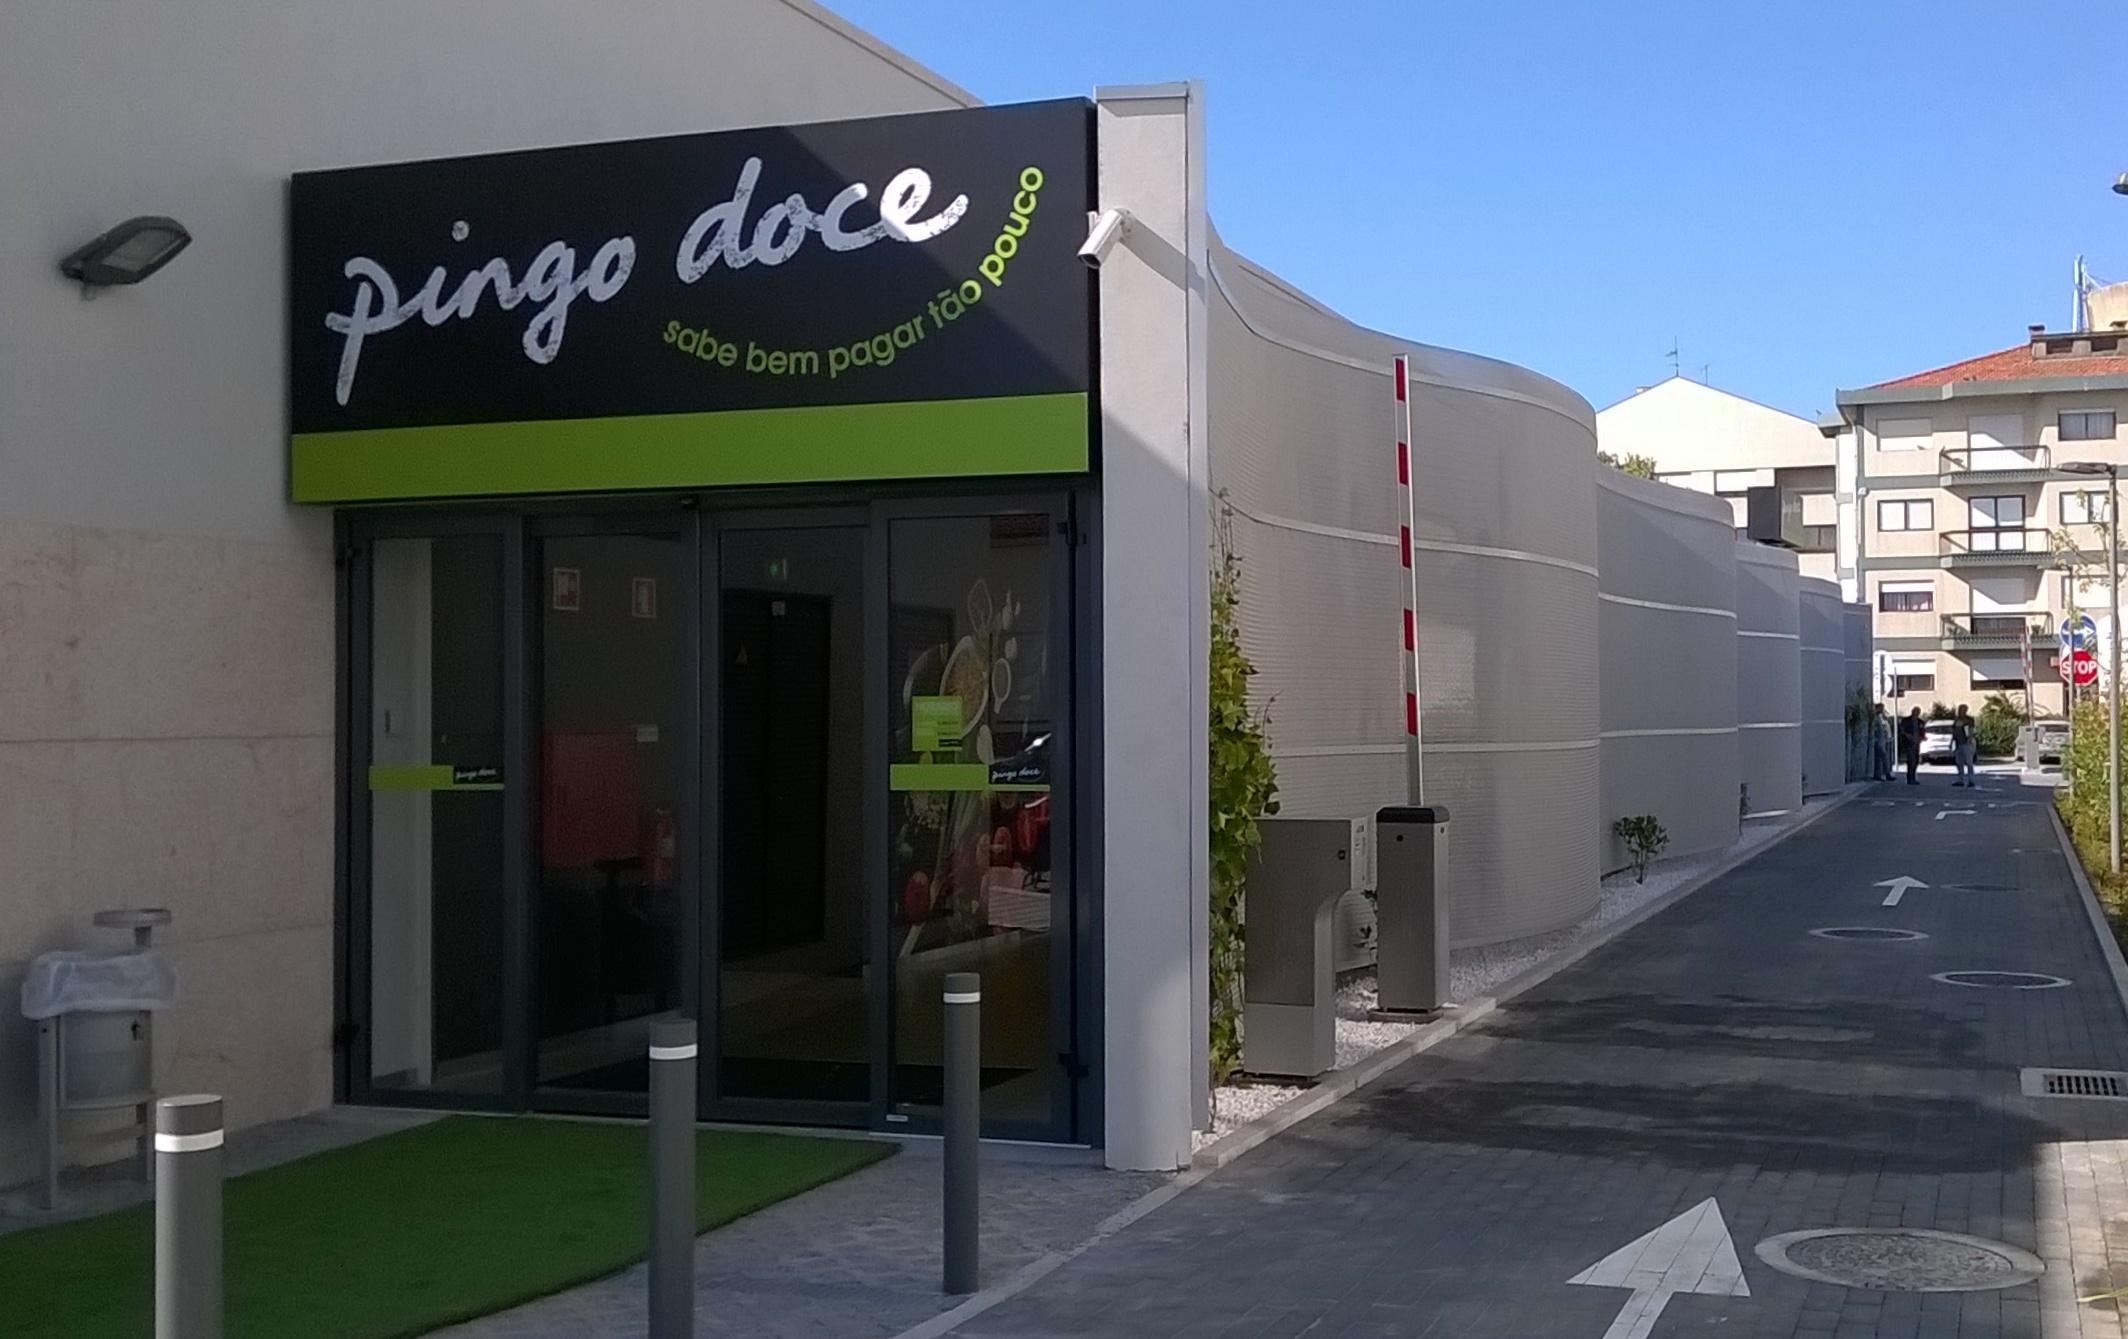 Pingo Doce Antunes Guimarães